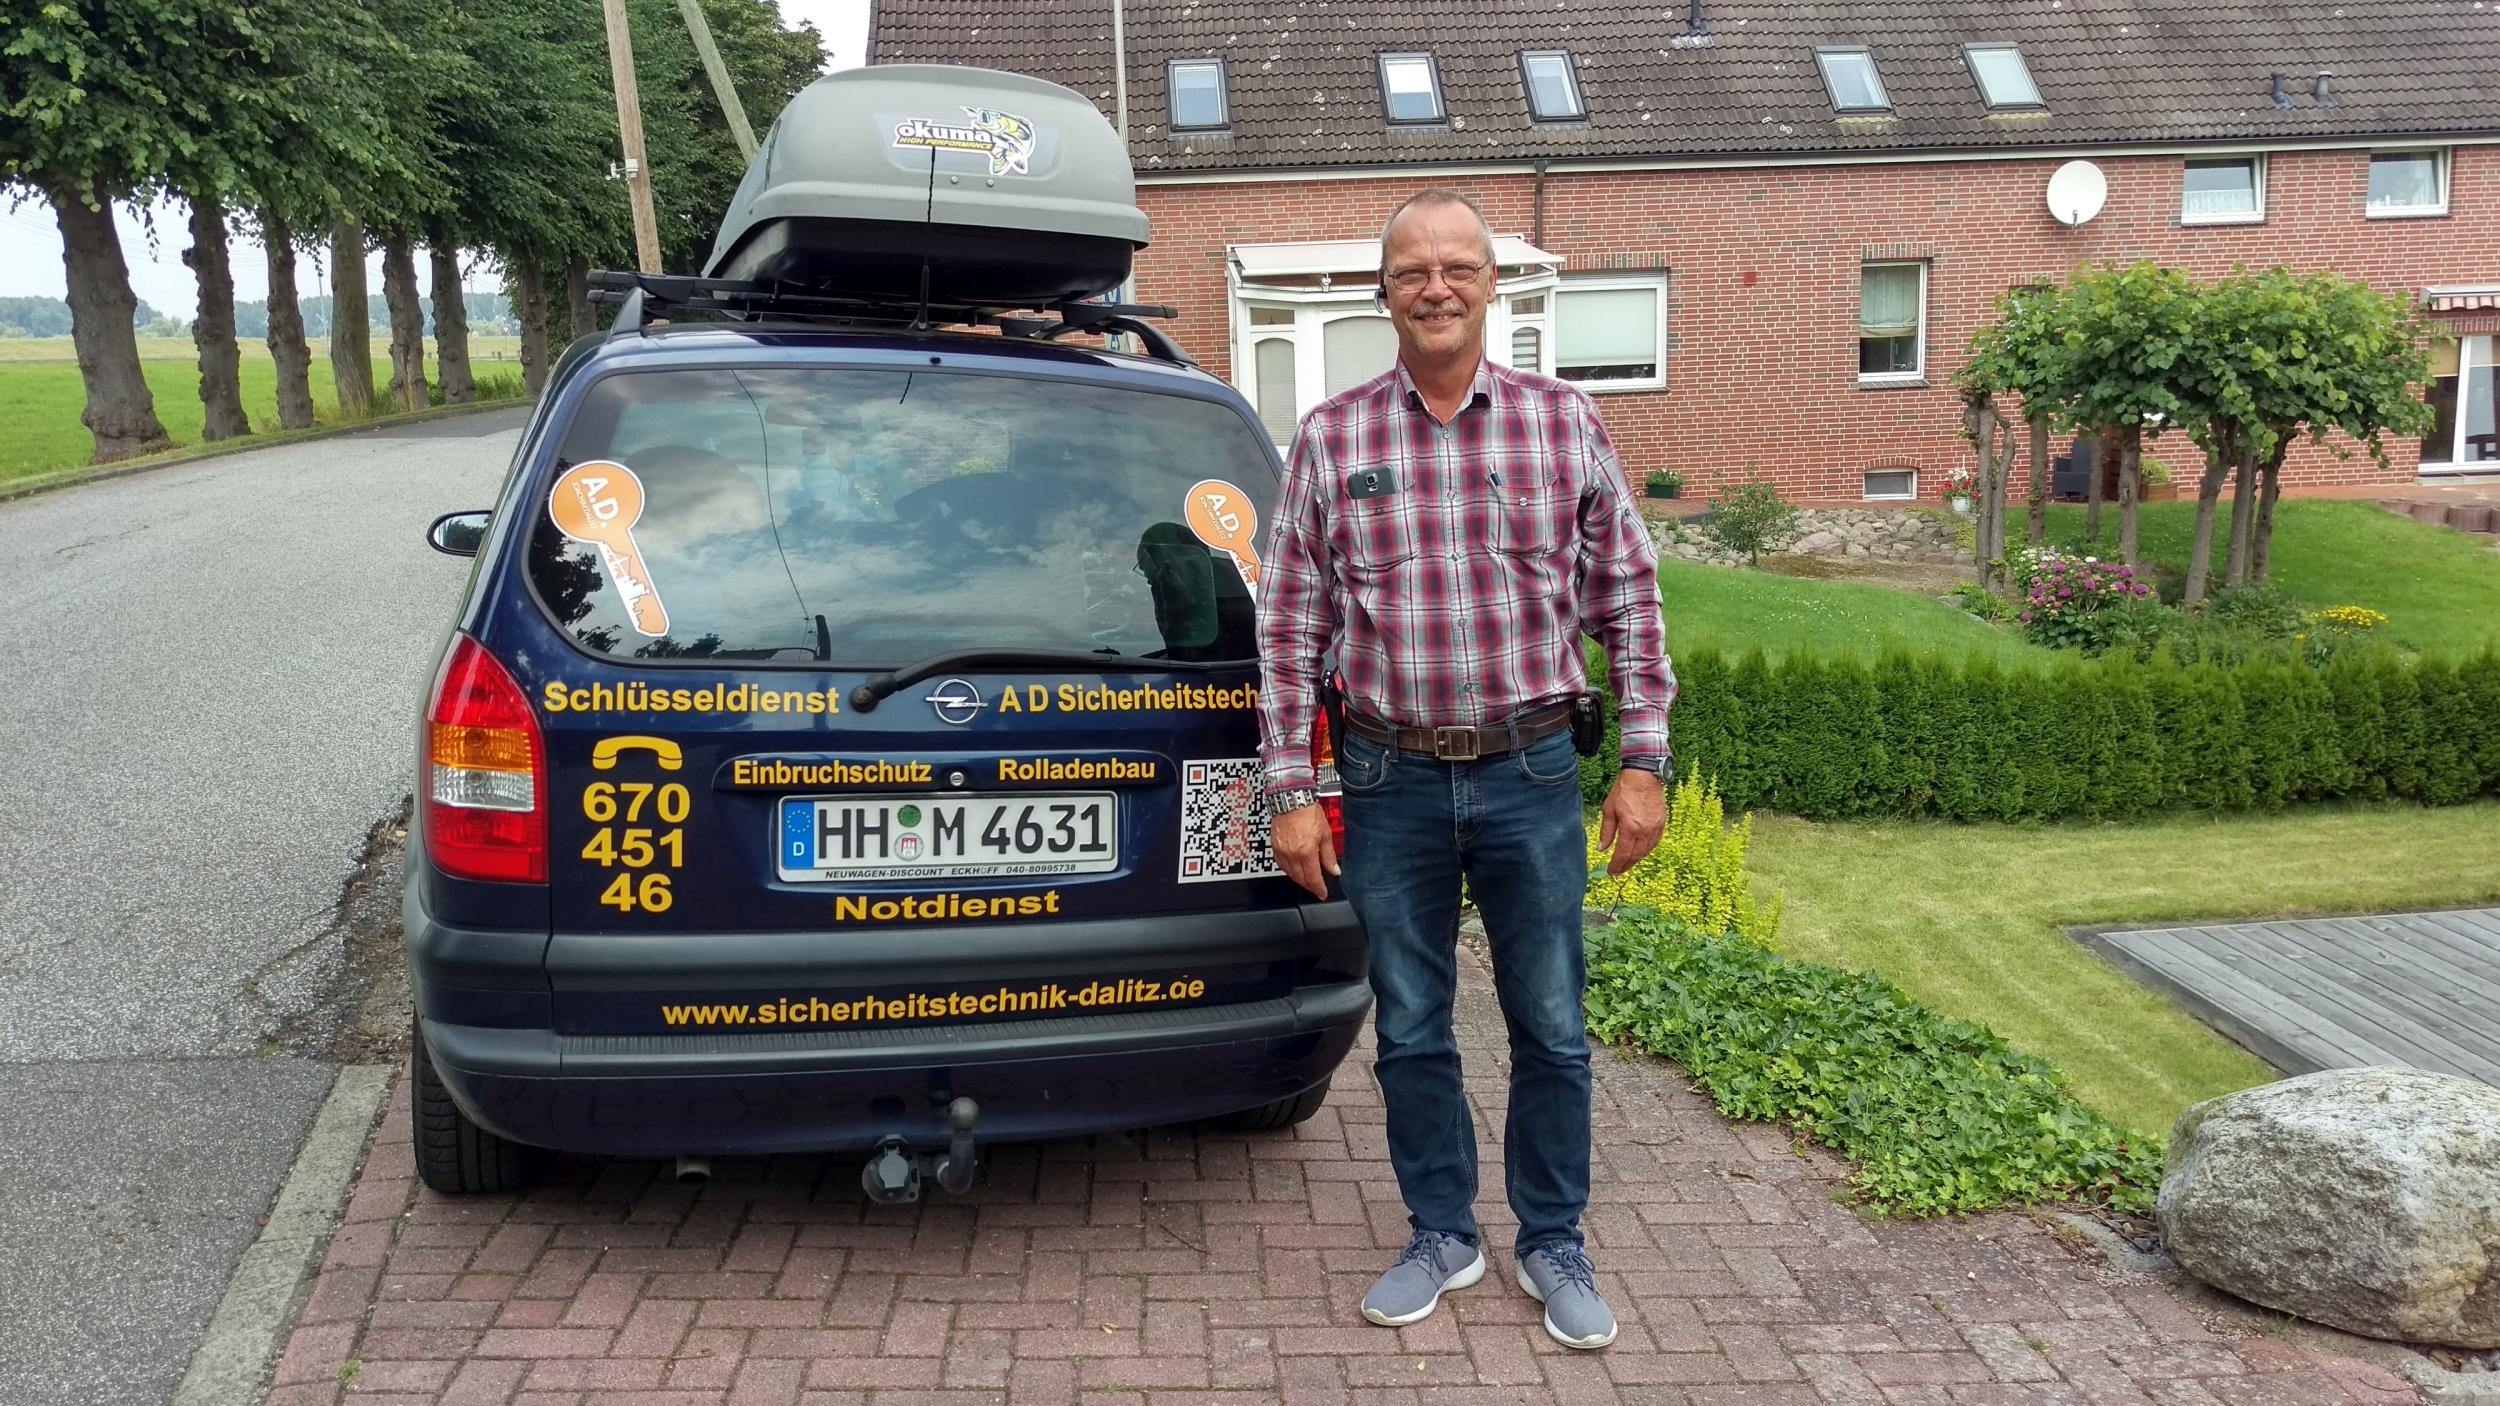 Foto de A.D. Sicherheitstechnik Hamburg